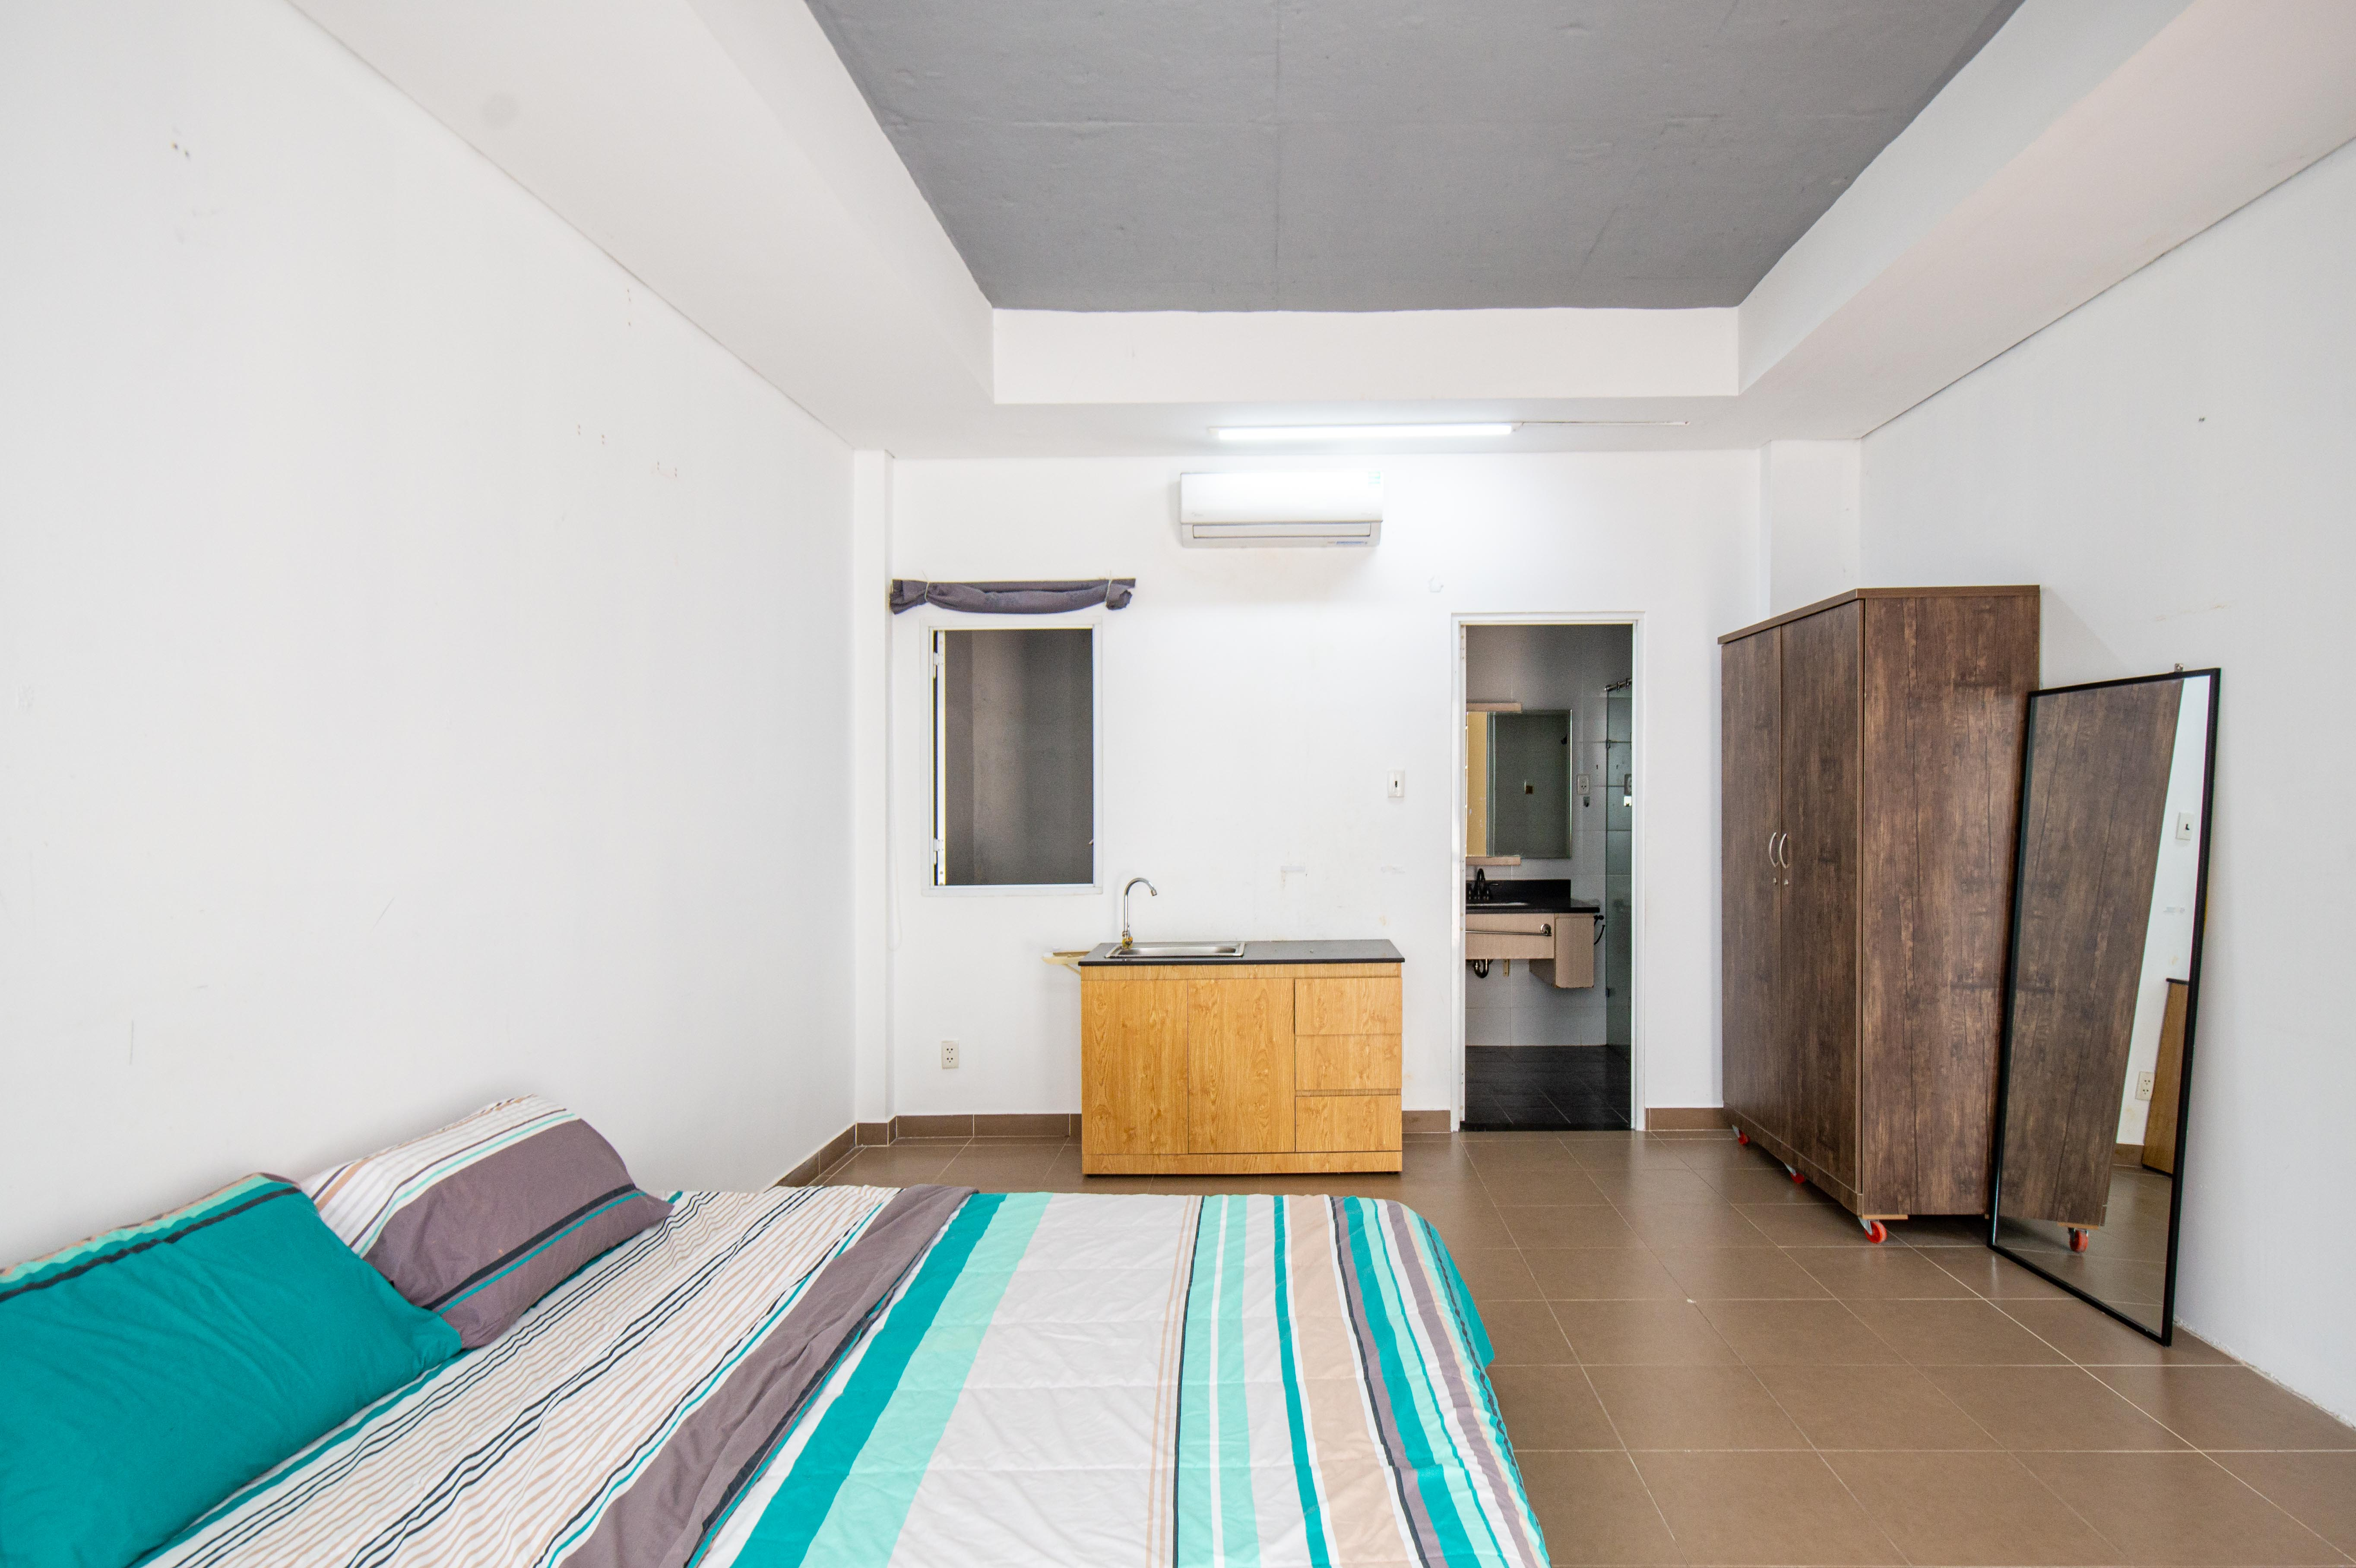 Cho Thuê Căn hộ 1 PN Lê Văn Sỹ Apartment - Có Bồn Tắm -4